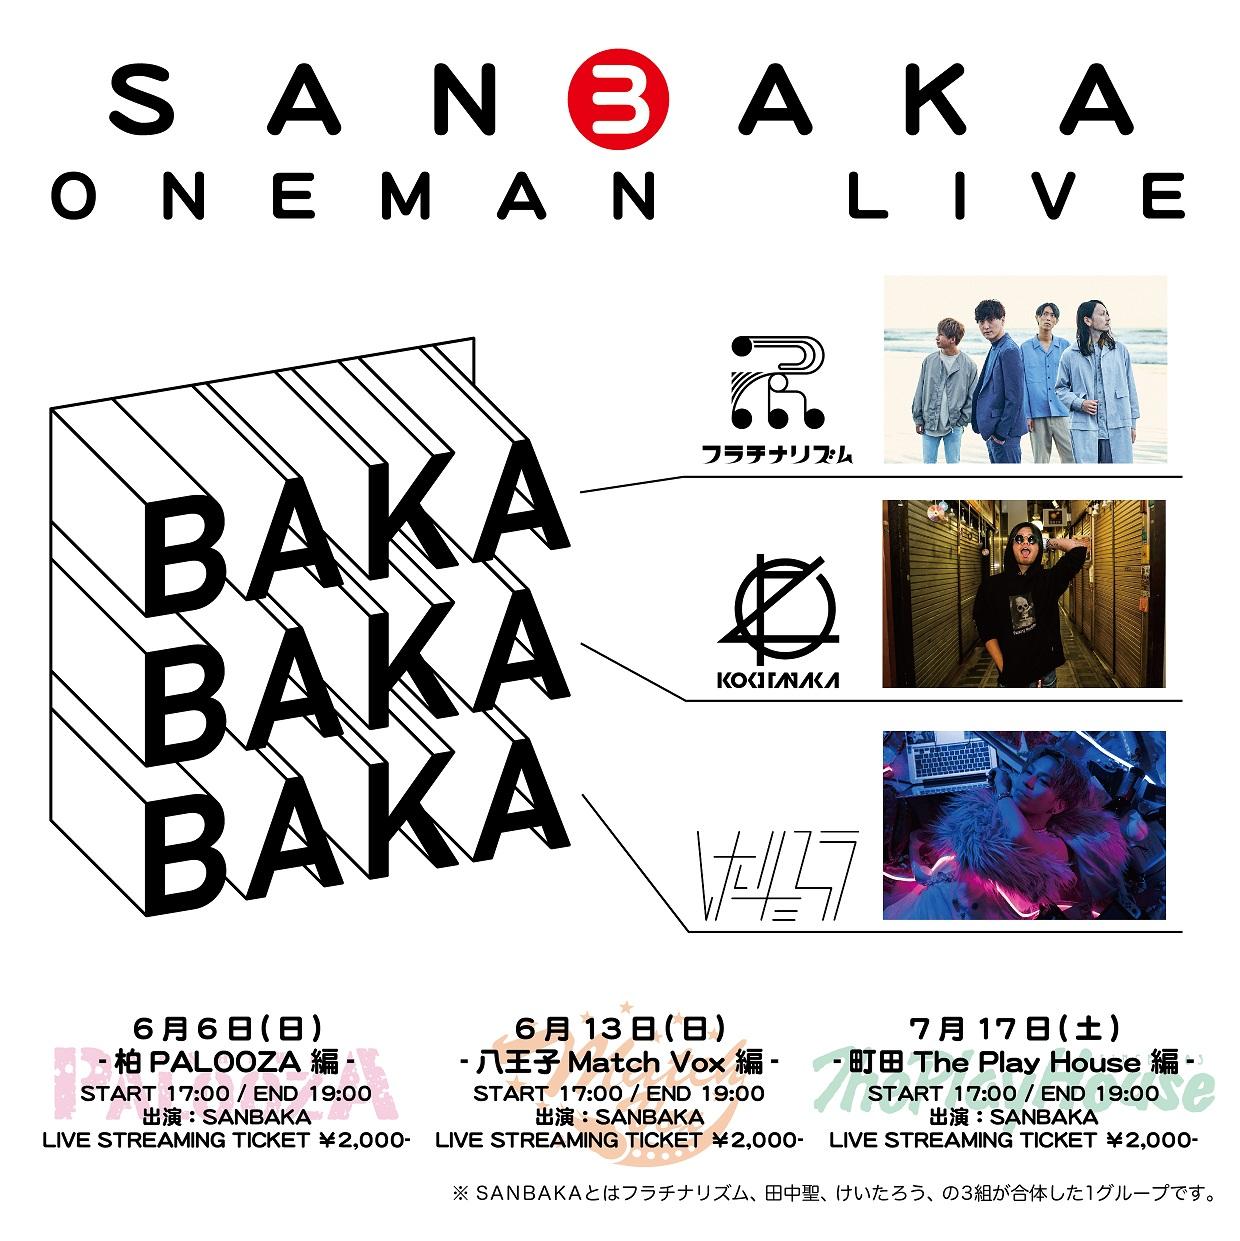 【有観客】SANBAKA ONEMAN LIVE(柏・八王子・町田 / 有料配信あり)